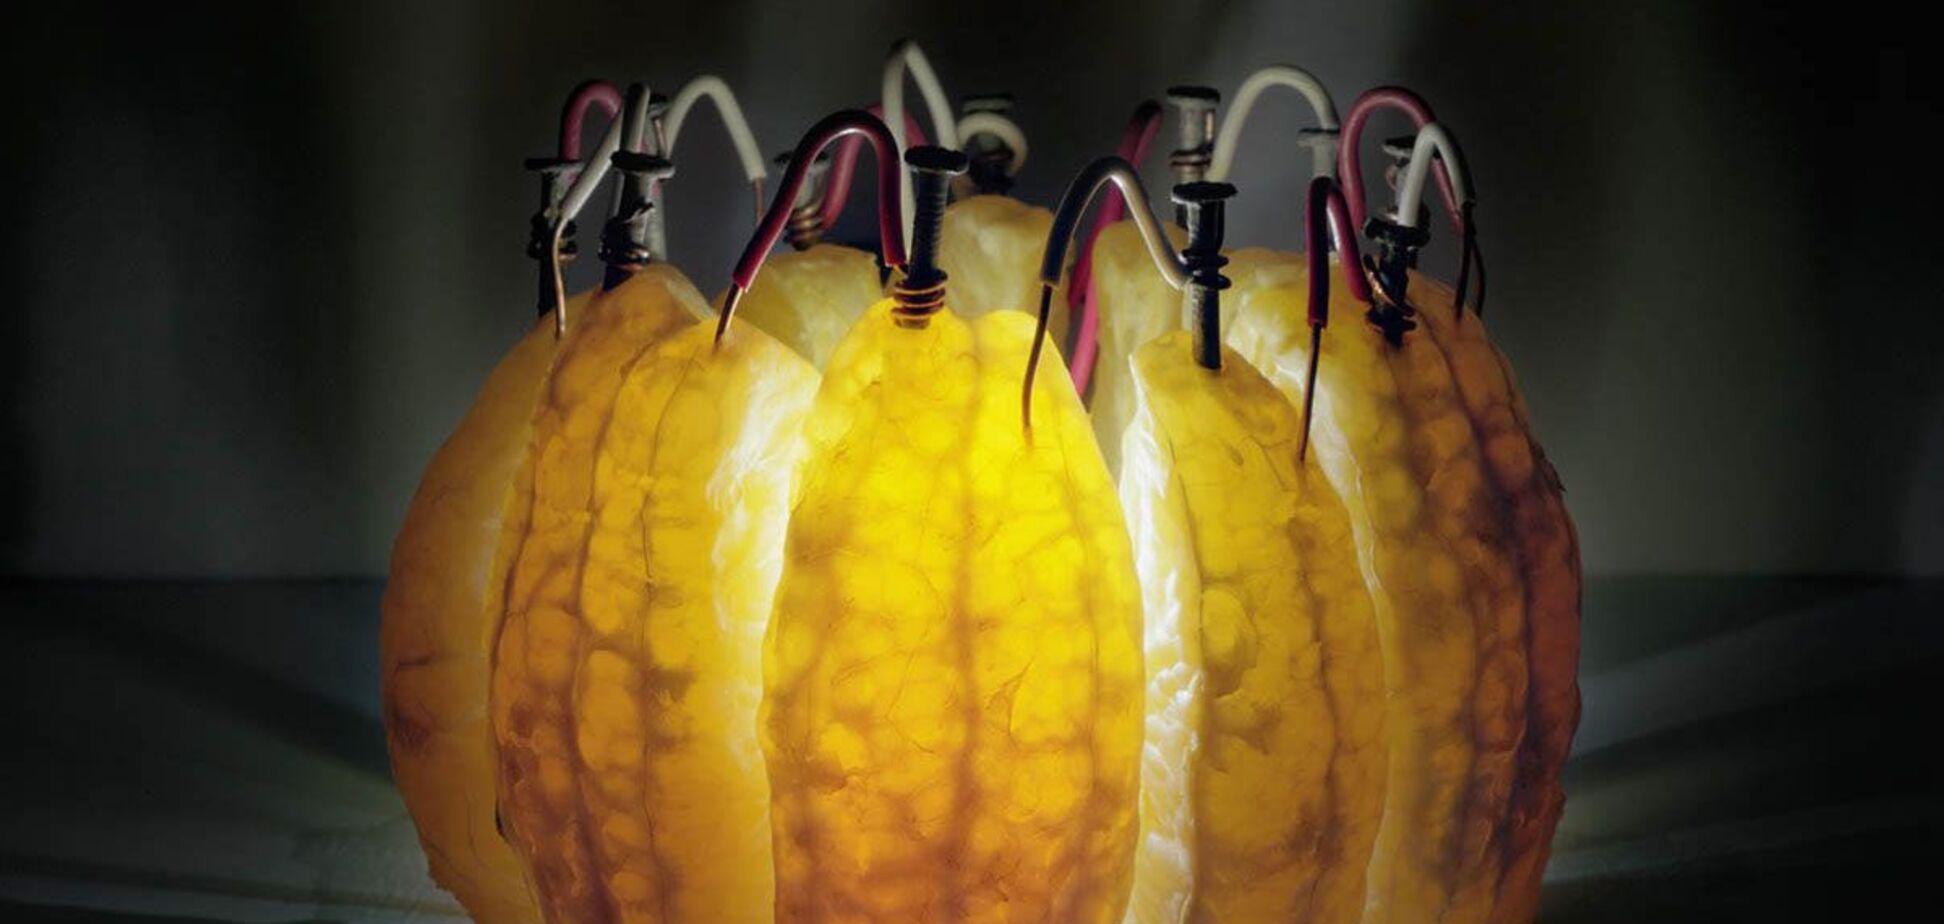 В Испании начали добывать 'зеленую' энергию из апельсинов